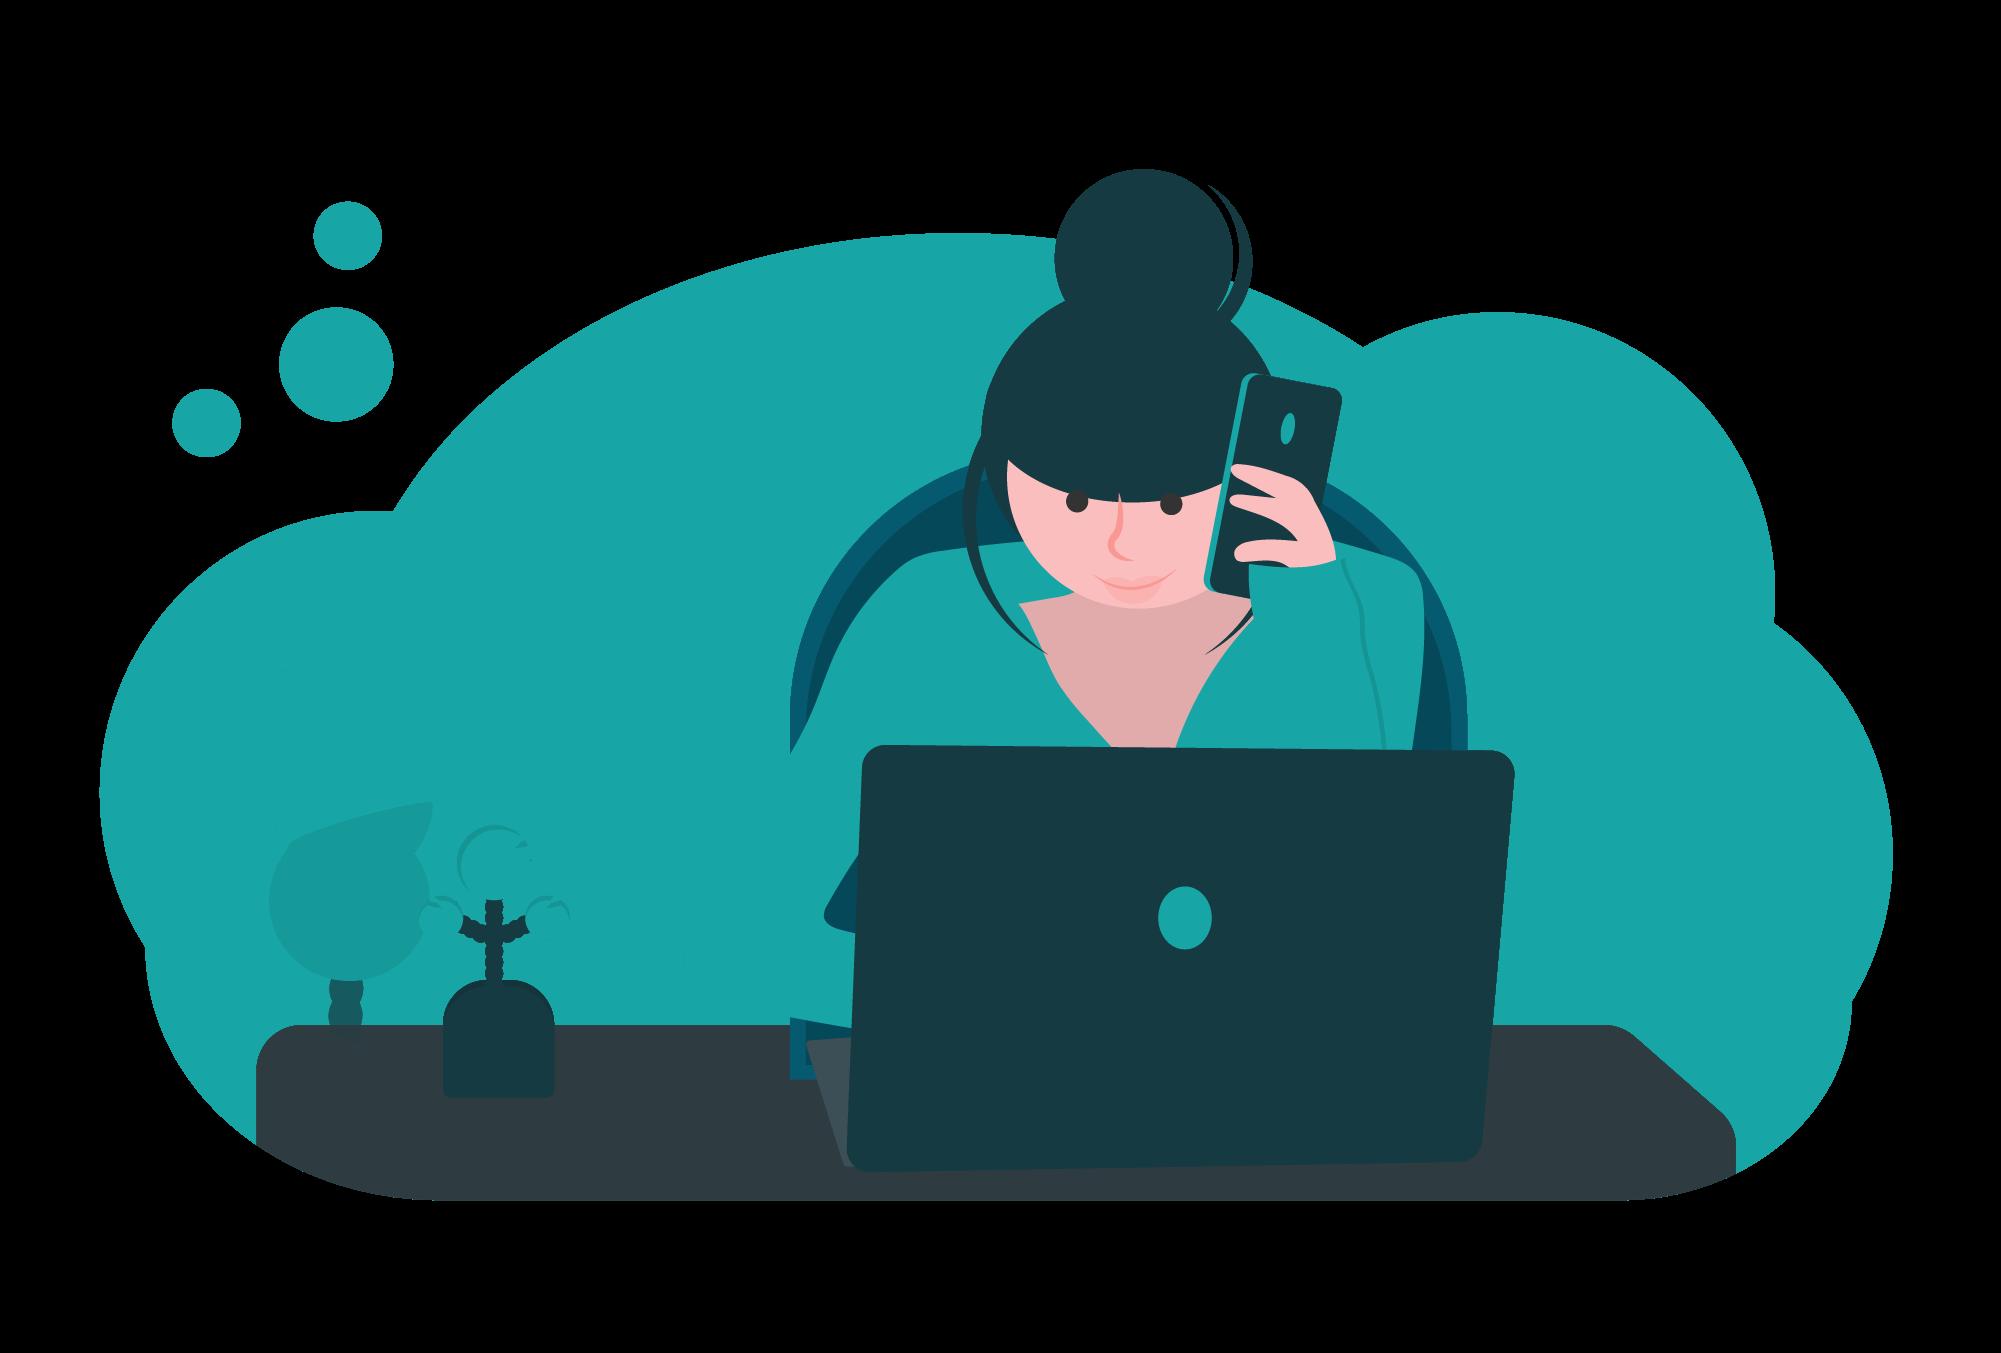 Client commande et paye - Eskemm - Illustration